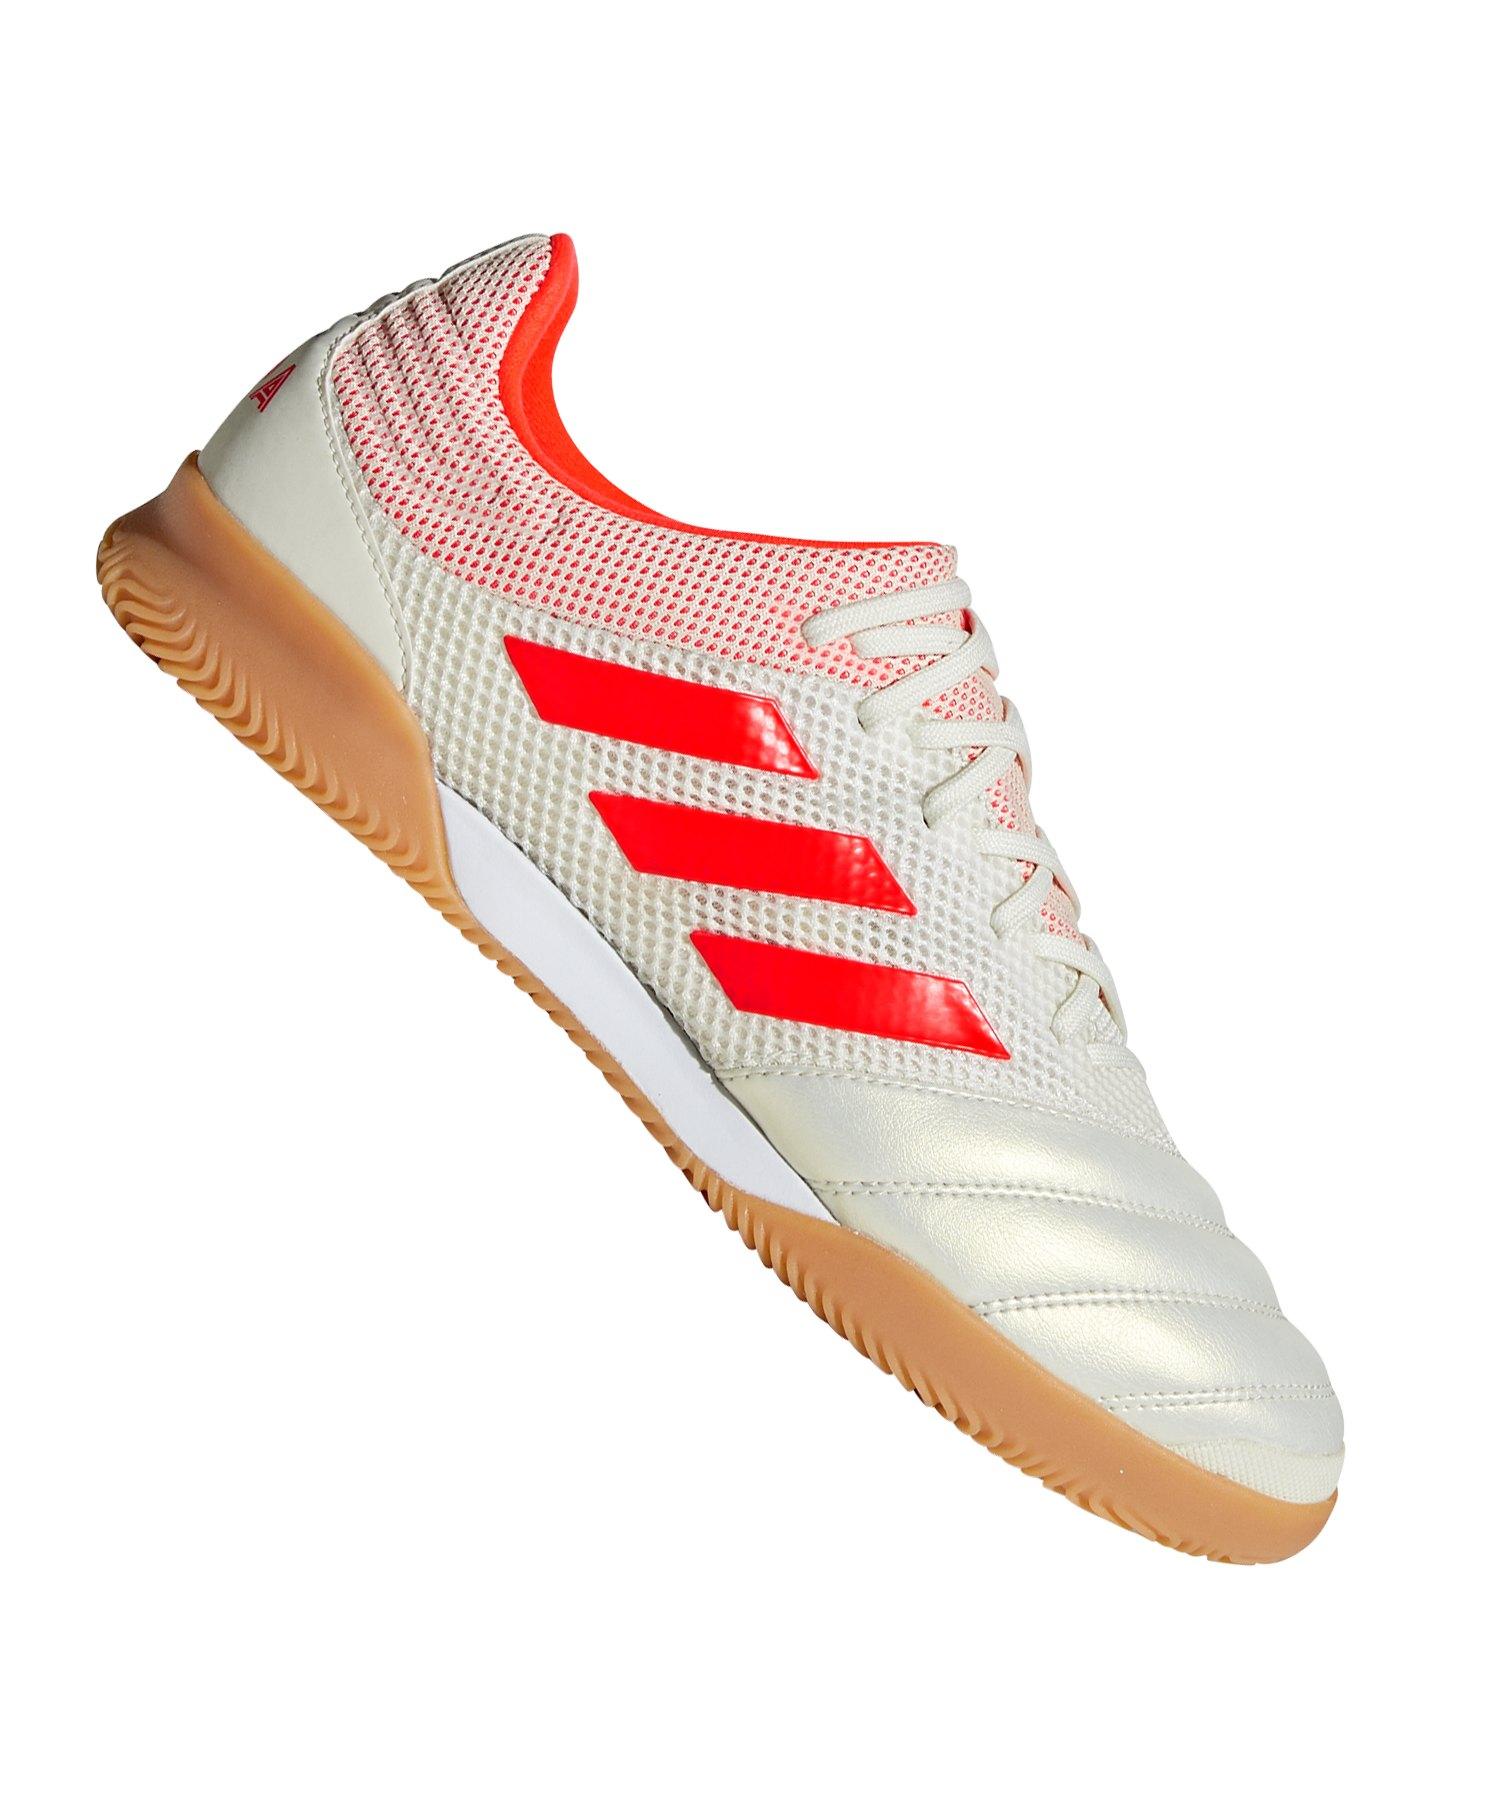 Straßenpreis klar und unverwechselbar Einzelhandelspreise adidas COPA 19.3 IN Sala Weiss Rot